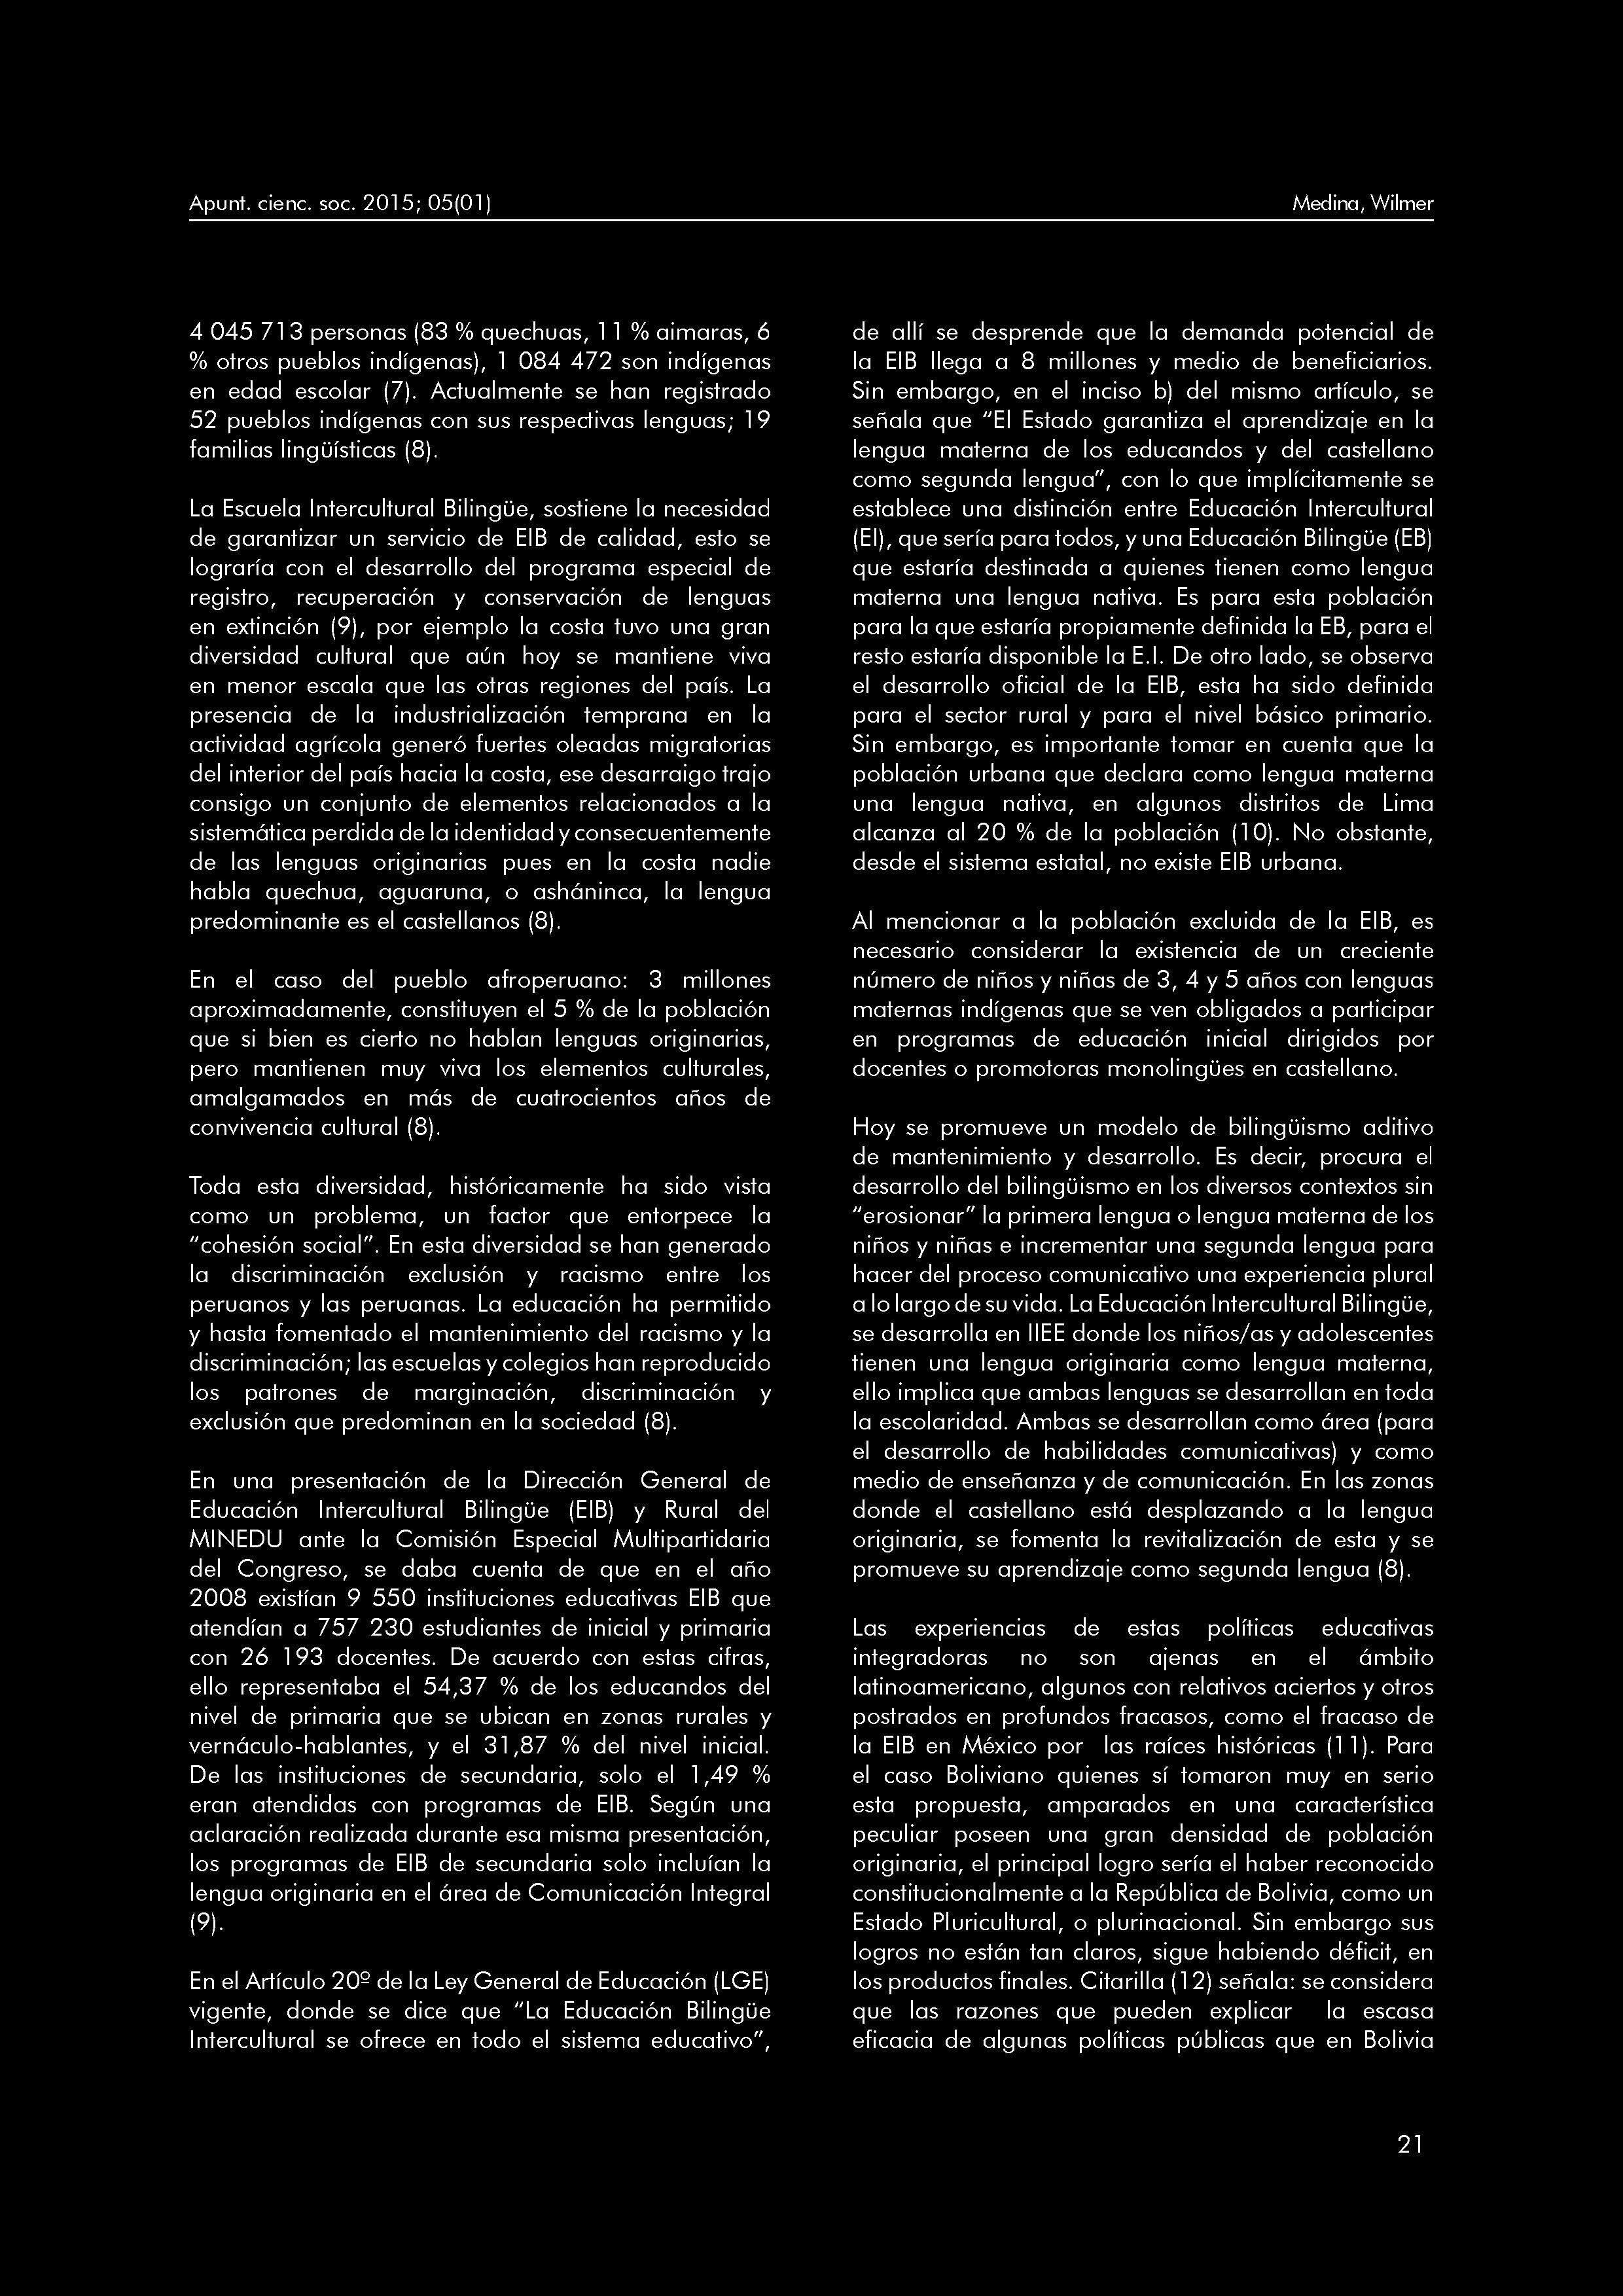 Calendario Escolar 2019 Neuquen Más Recientes Apuntes De Ciencia & sociedad issn X Enero Junio 2015 Volum En 5